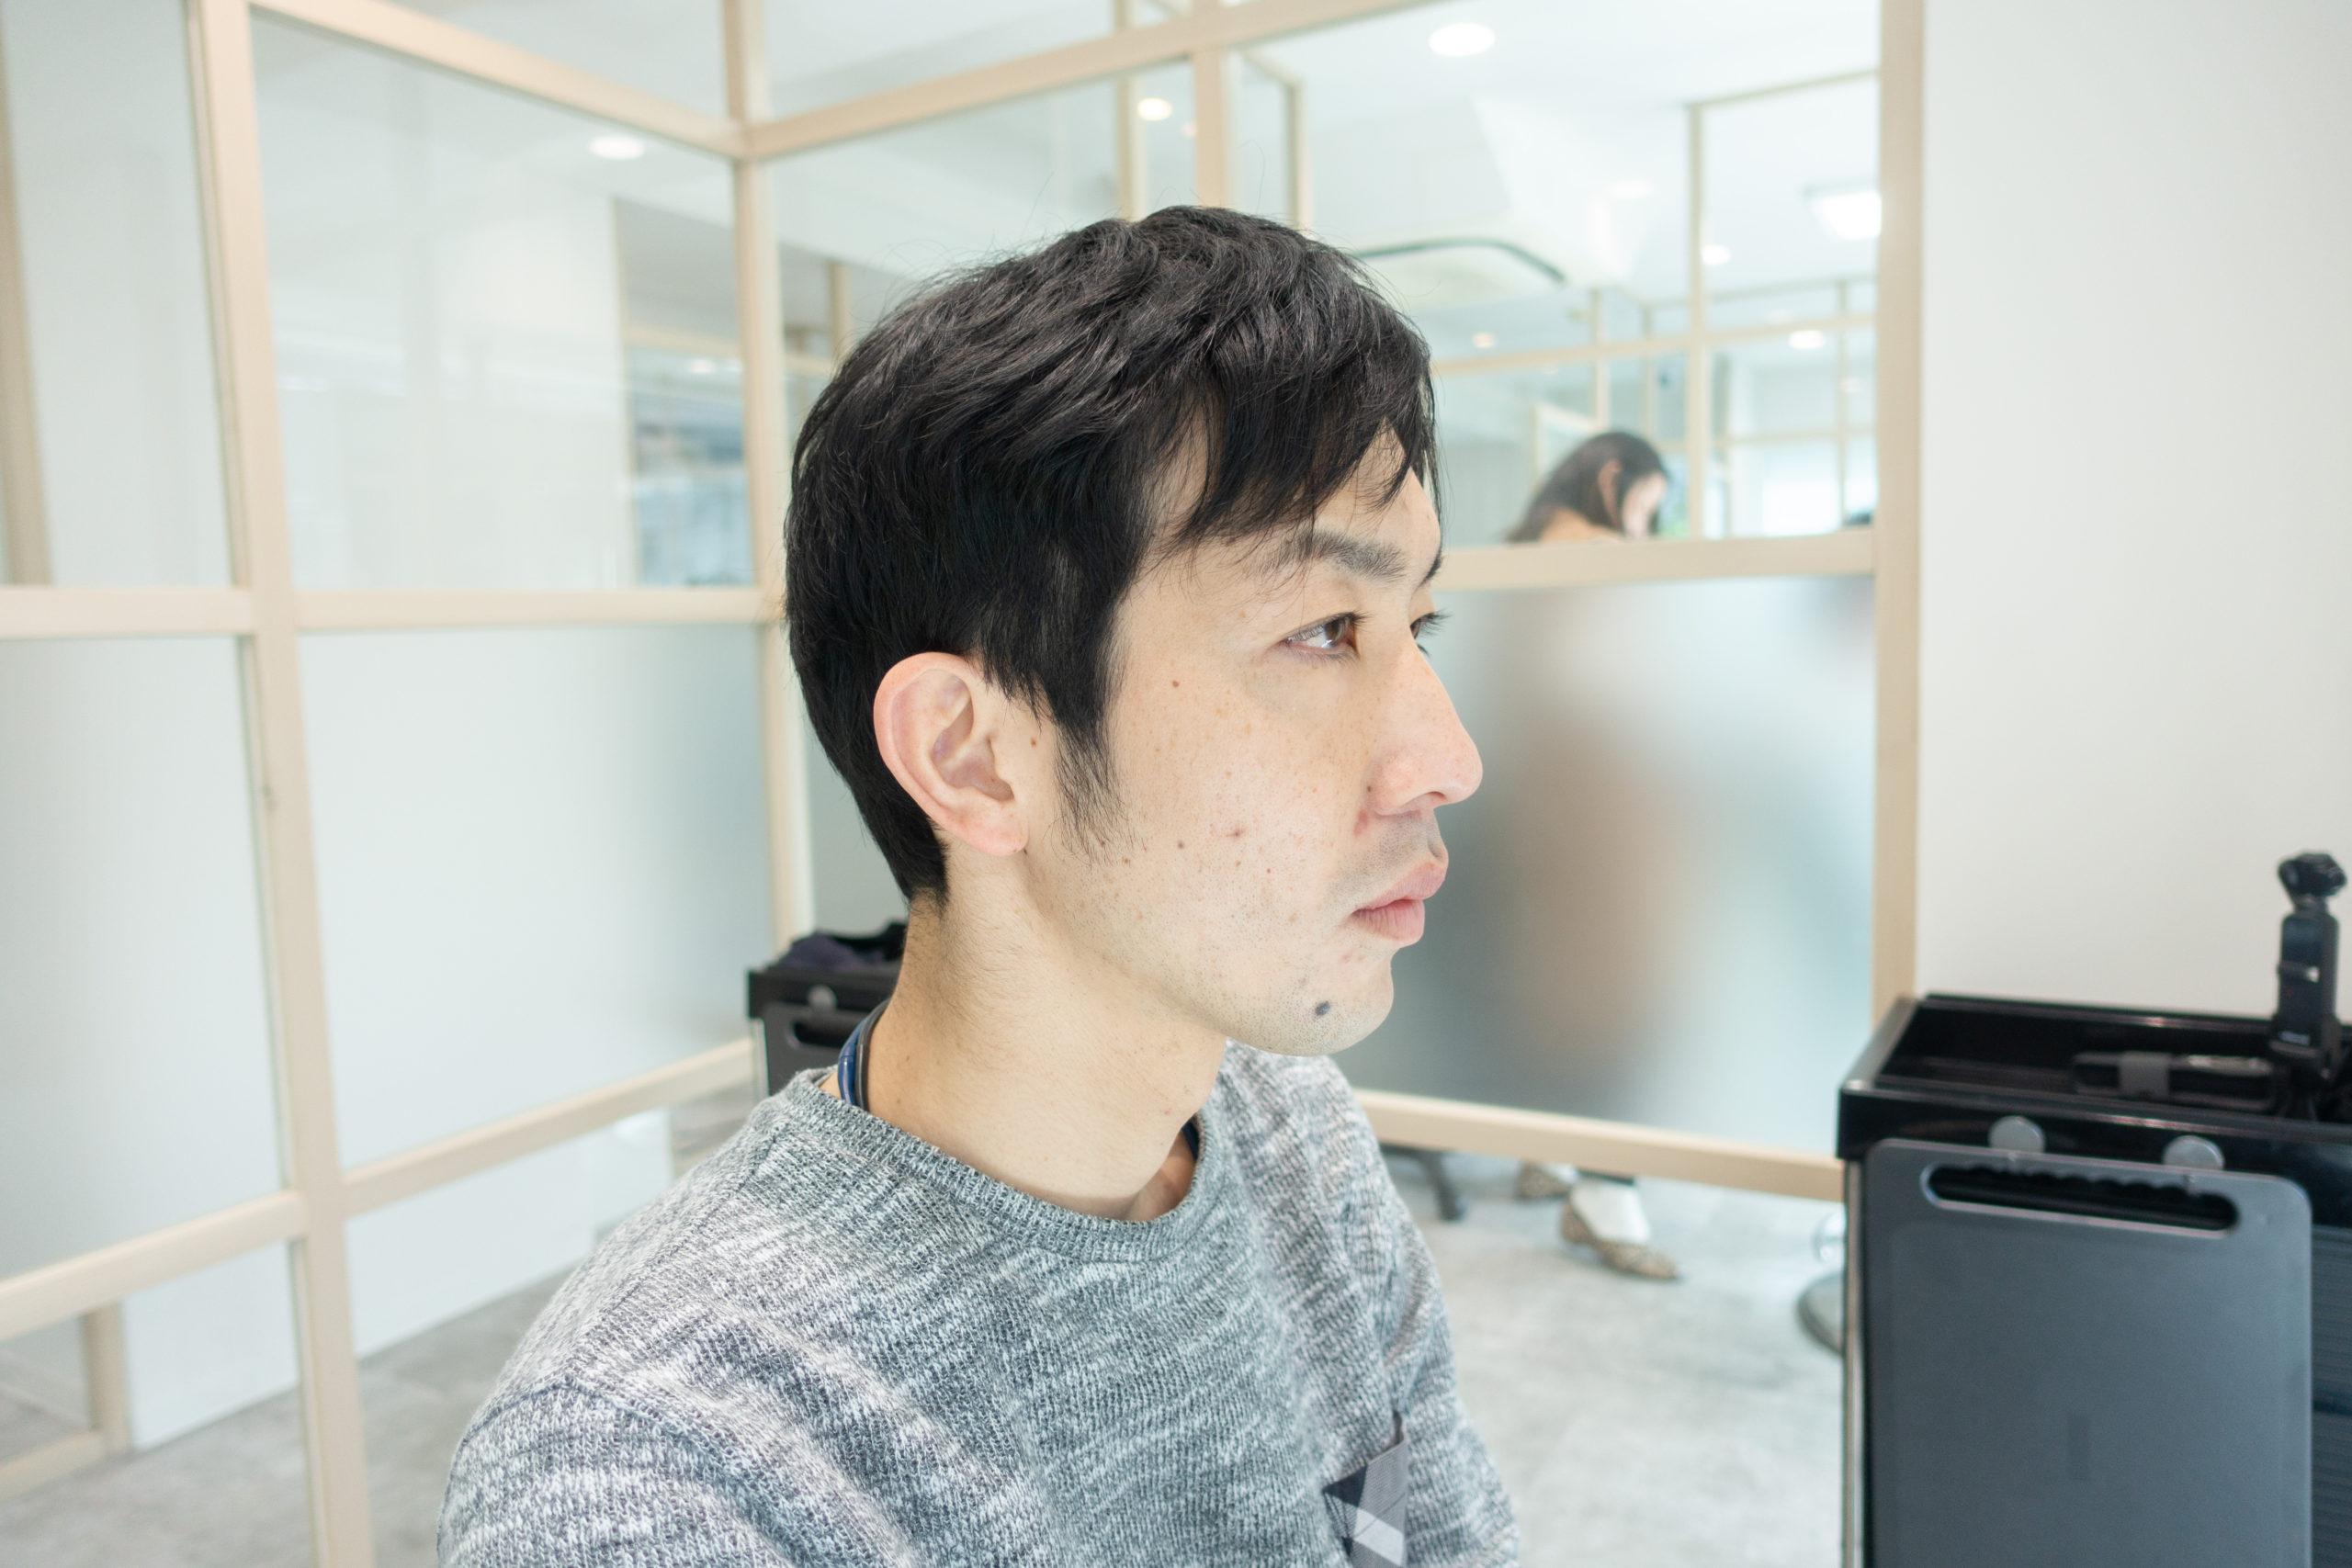 男性のヘアスタイルビフォー